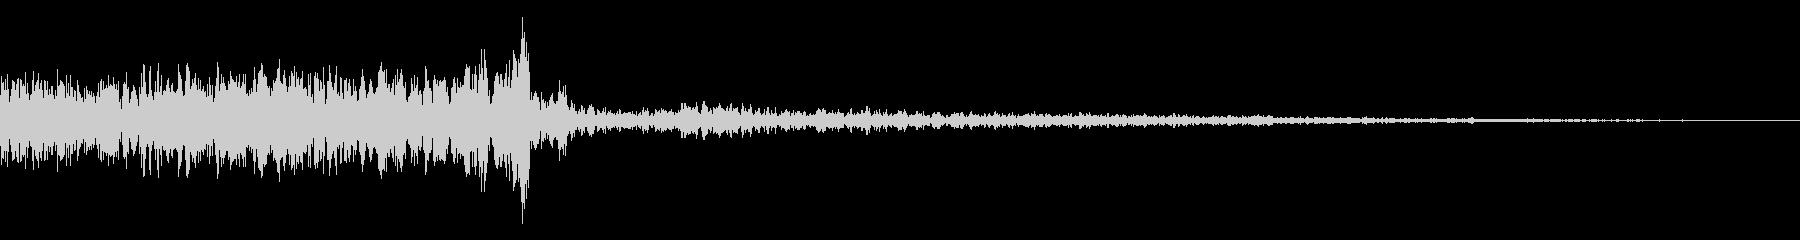 メニュー画面音(ウインドウ,決定等)10の未再生の波形